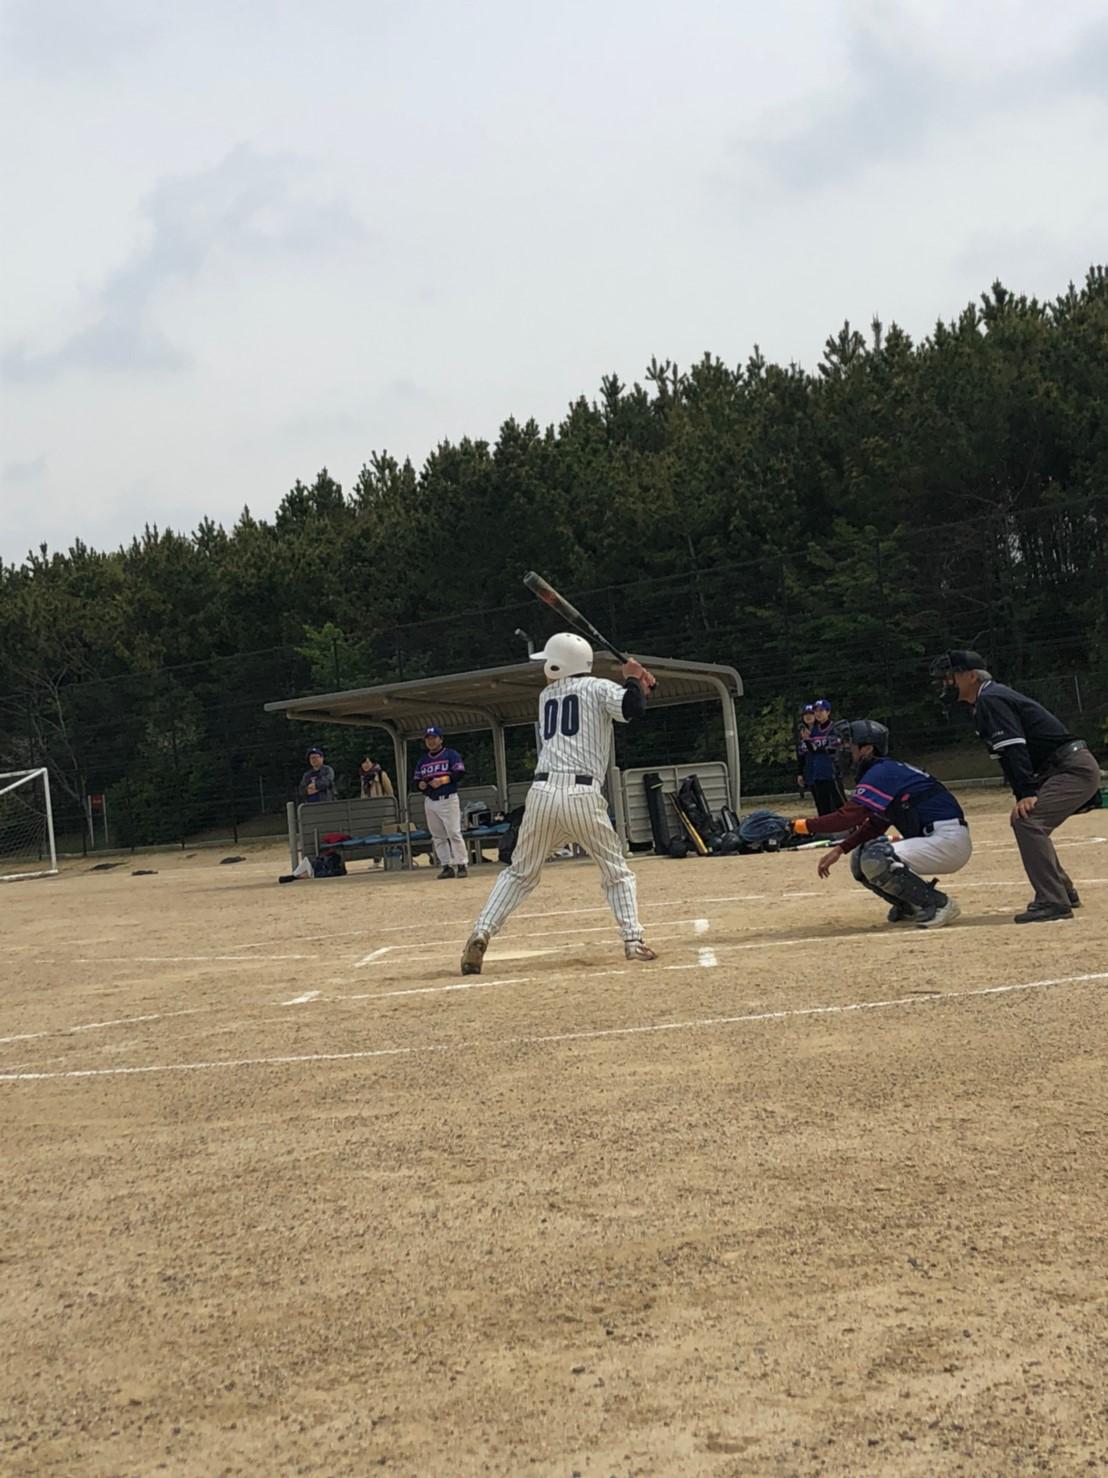 「8JC球技大会!」のサムネイル画像2